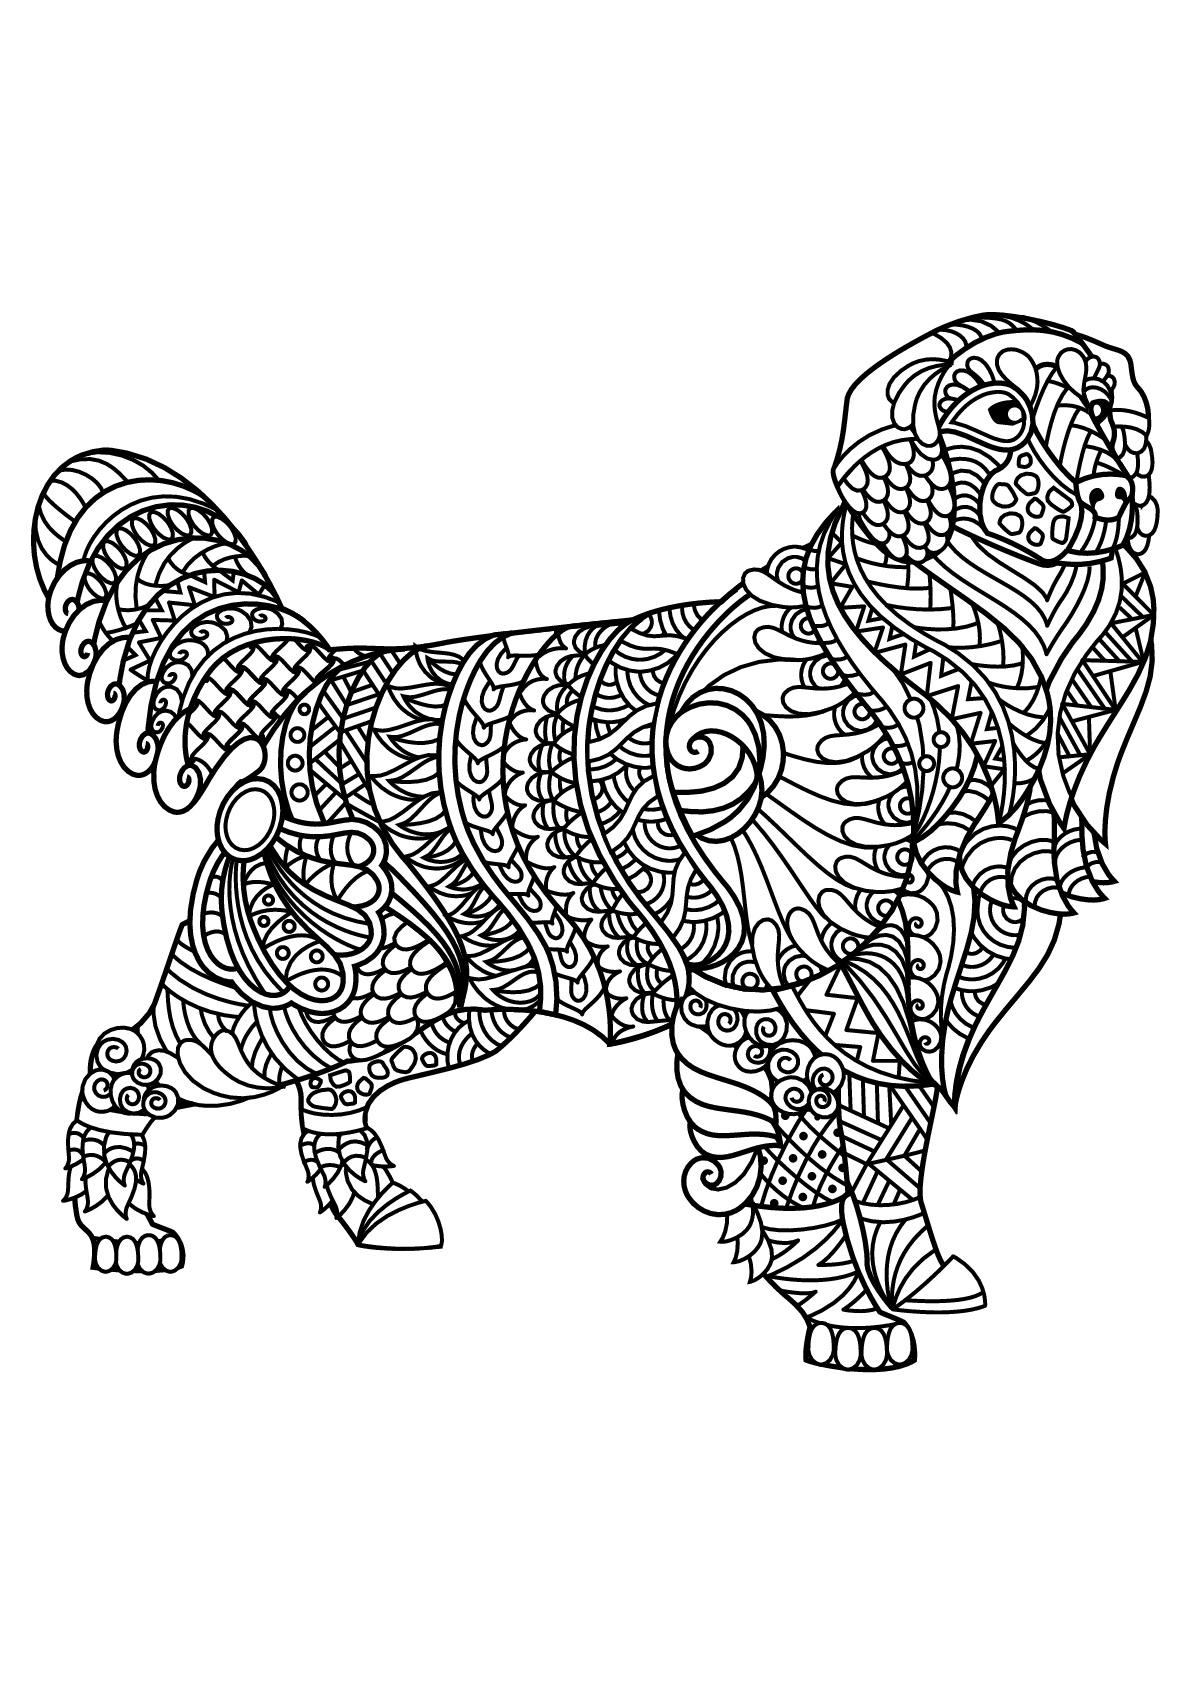 Cani 92603 cani disegni da colorare per adulti for Disegni da colorare per adulti e ragazzi